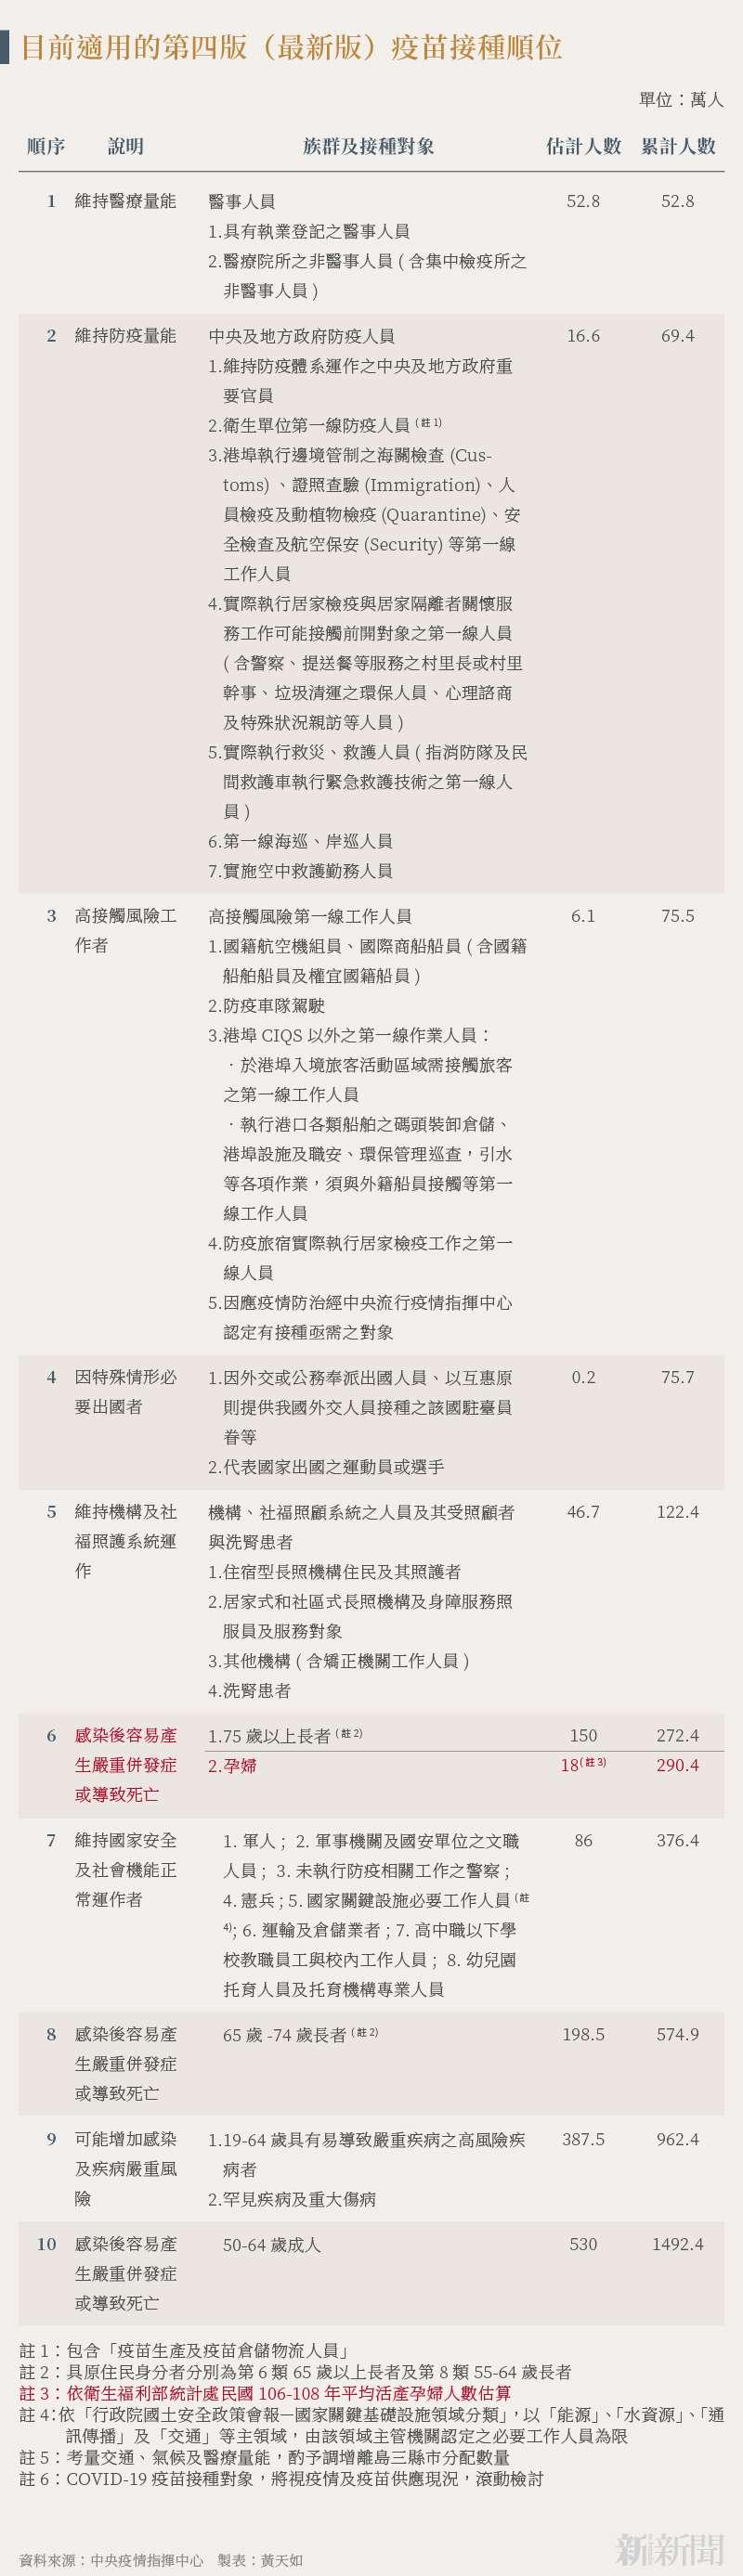 210817-SMG0034-N01-黃天如_d_目前適用的第四版(最新版)疫苗接種順位。(中央疫情指揮中心提供)